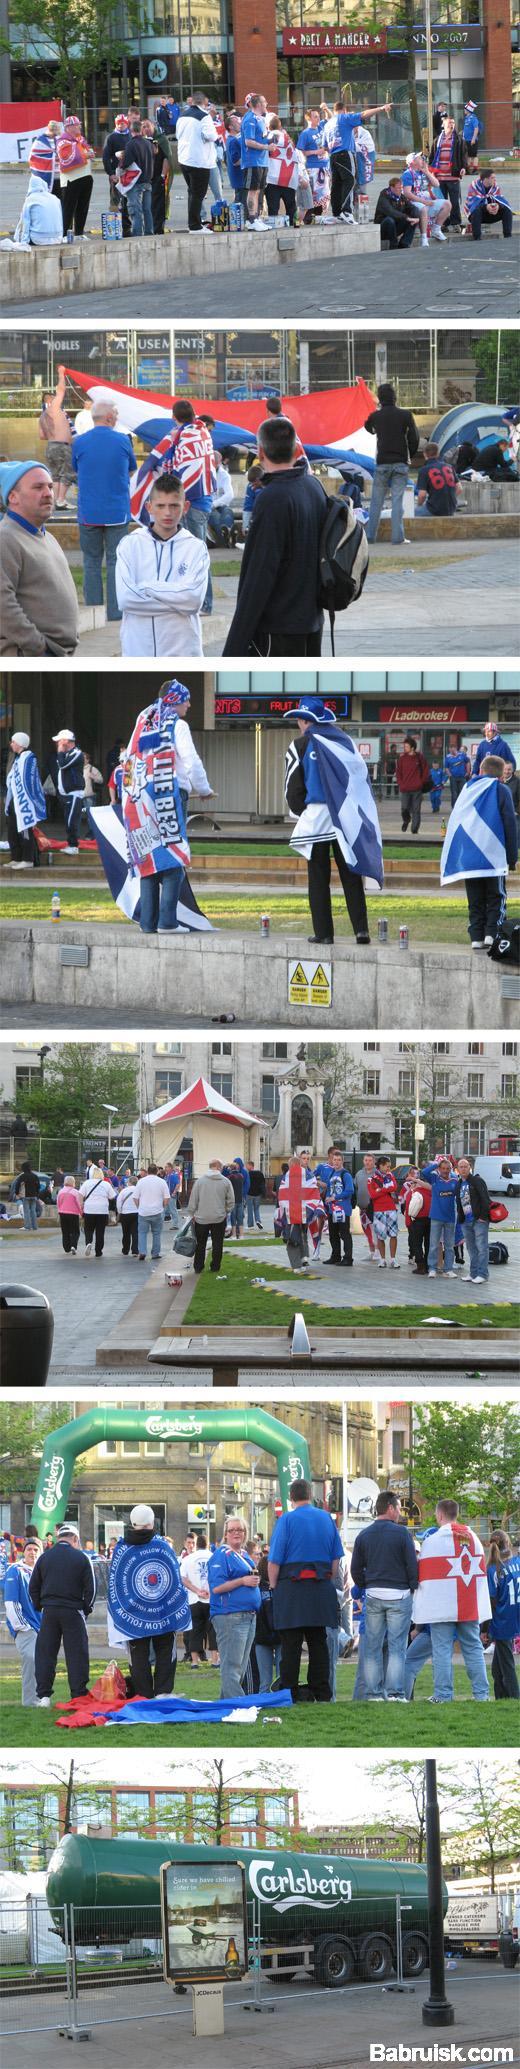 шотландцы в манчестере